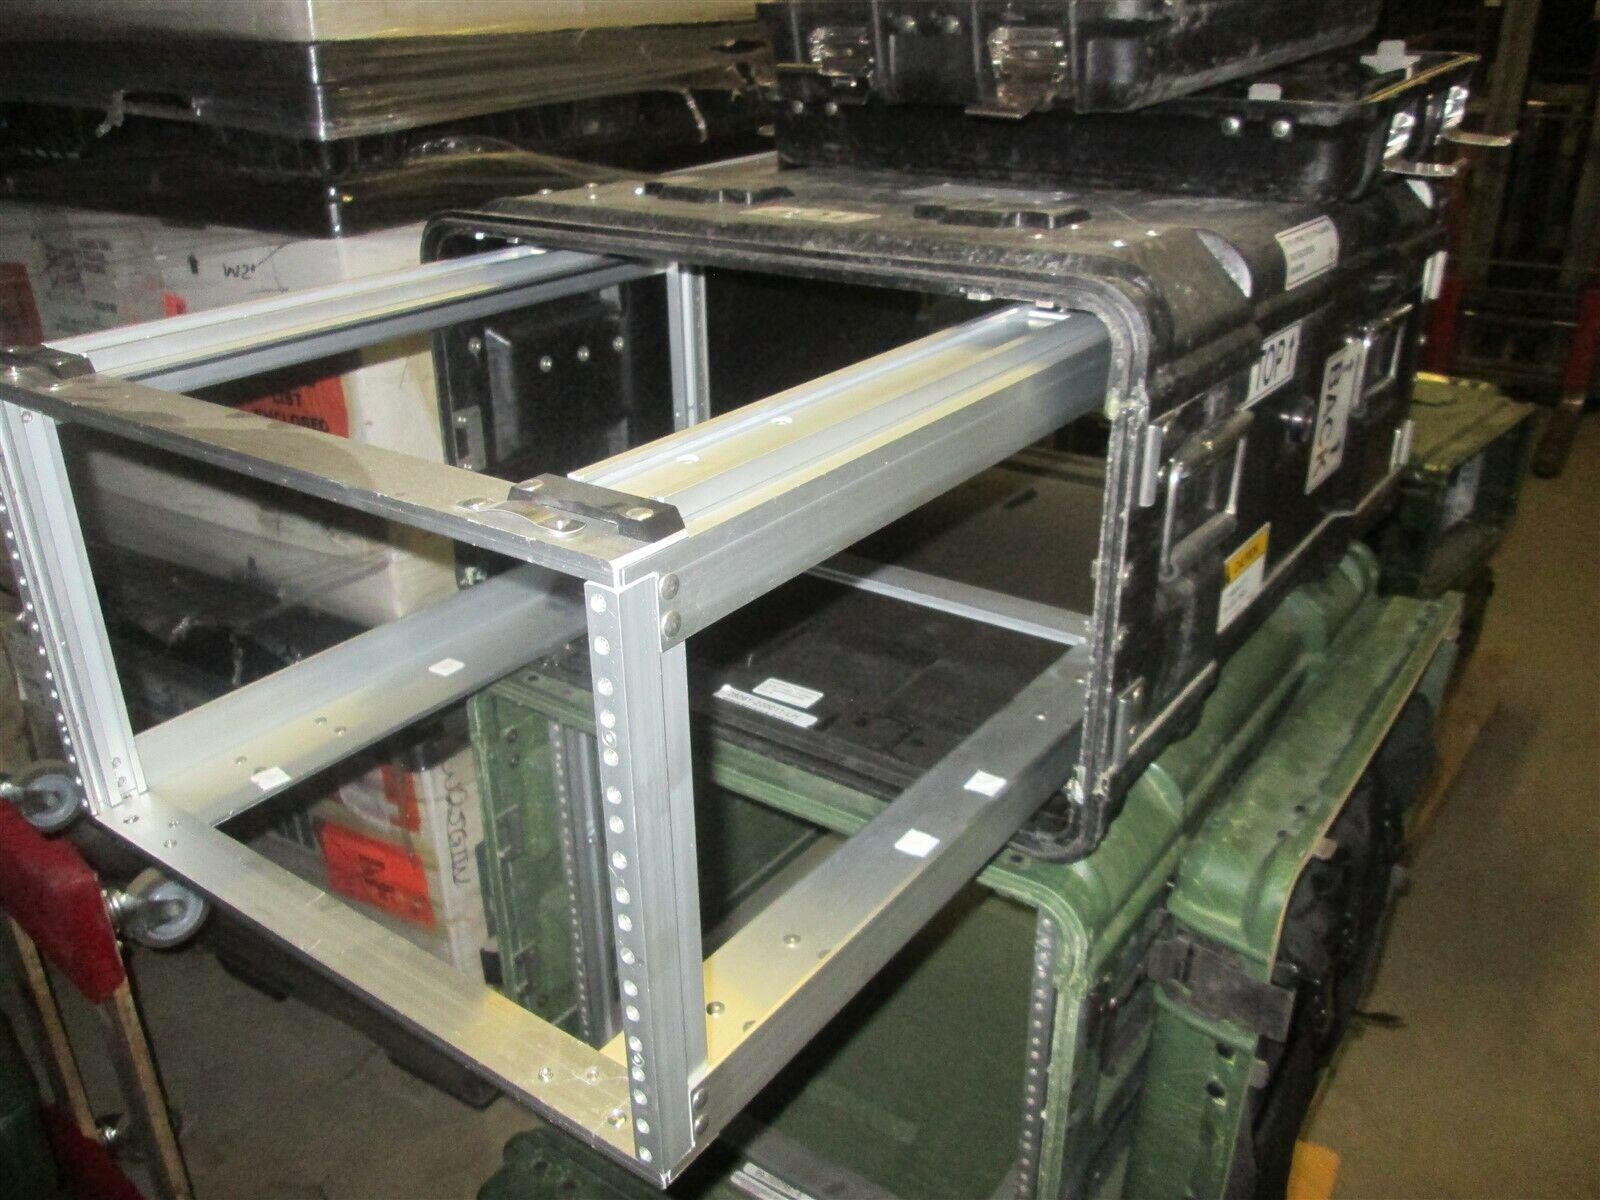 Rackmount 06U x24 Slide Out General Dynamics Composite Shock Mount Rack Case Blk